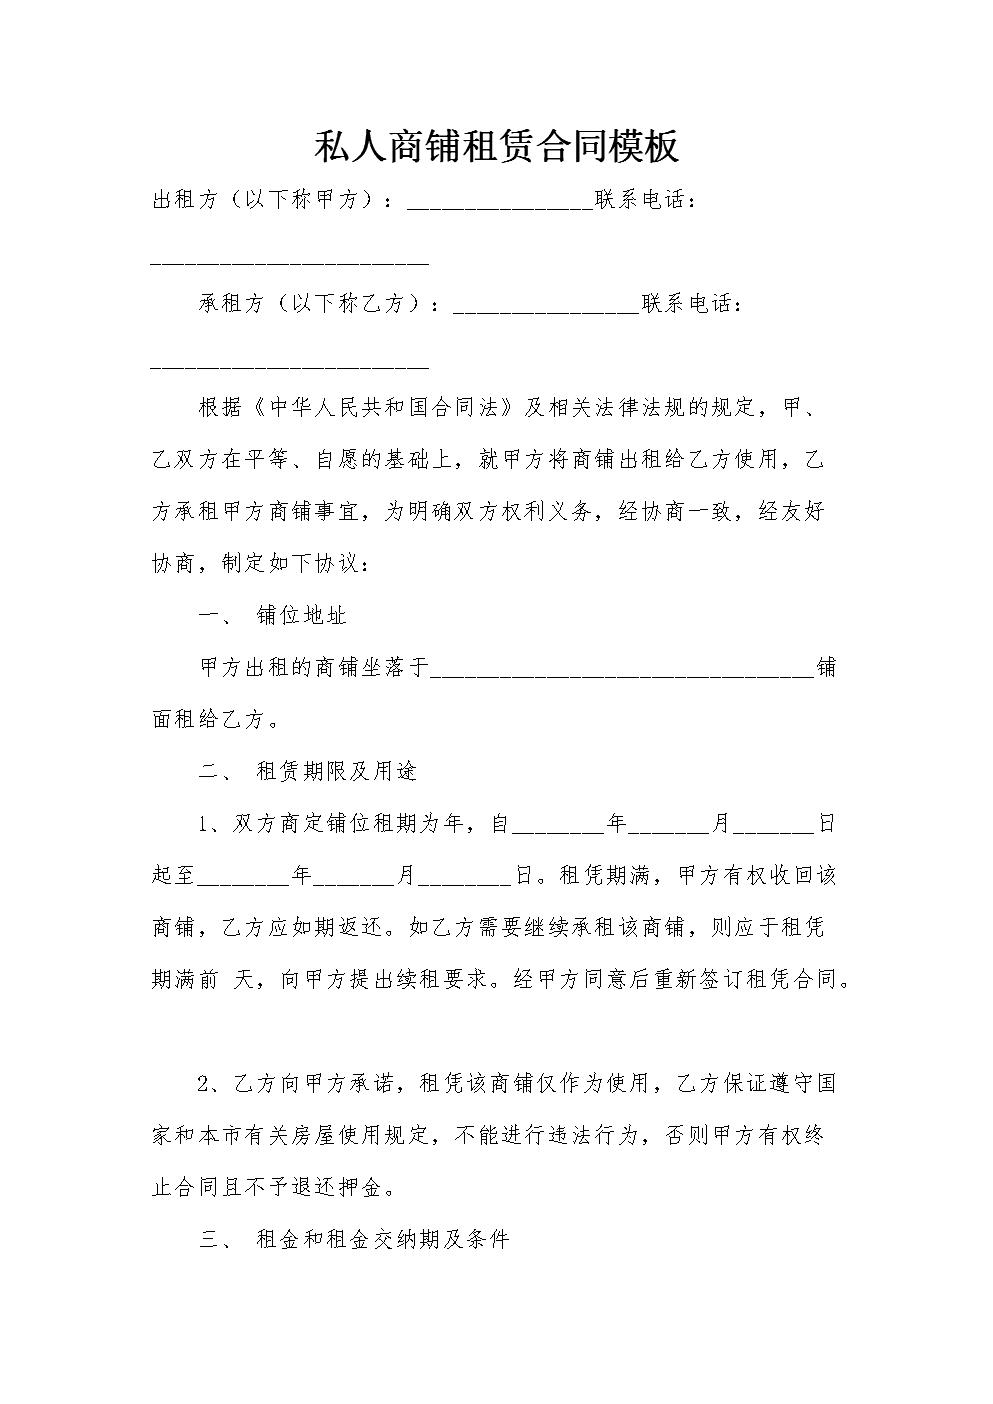 私人商铺租赁合同模板.doc